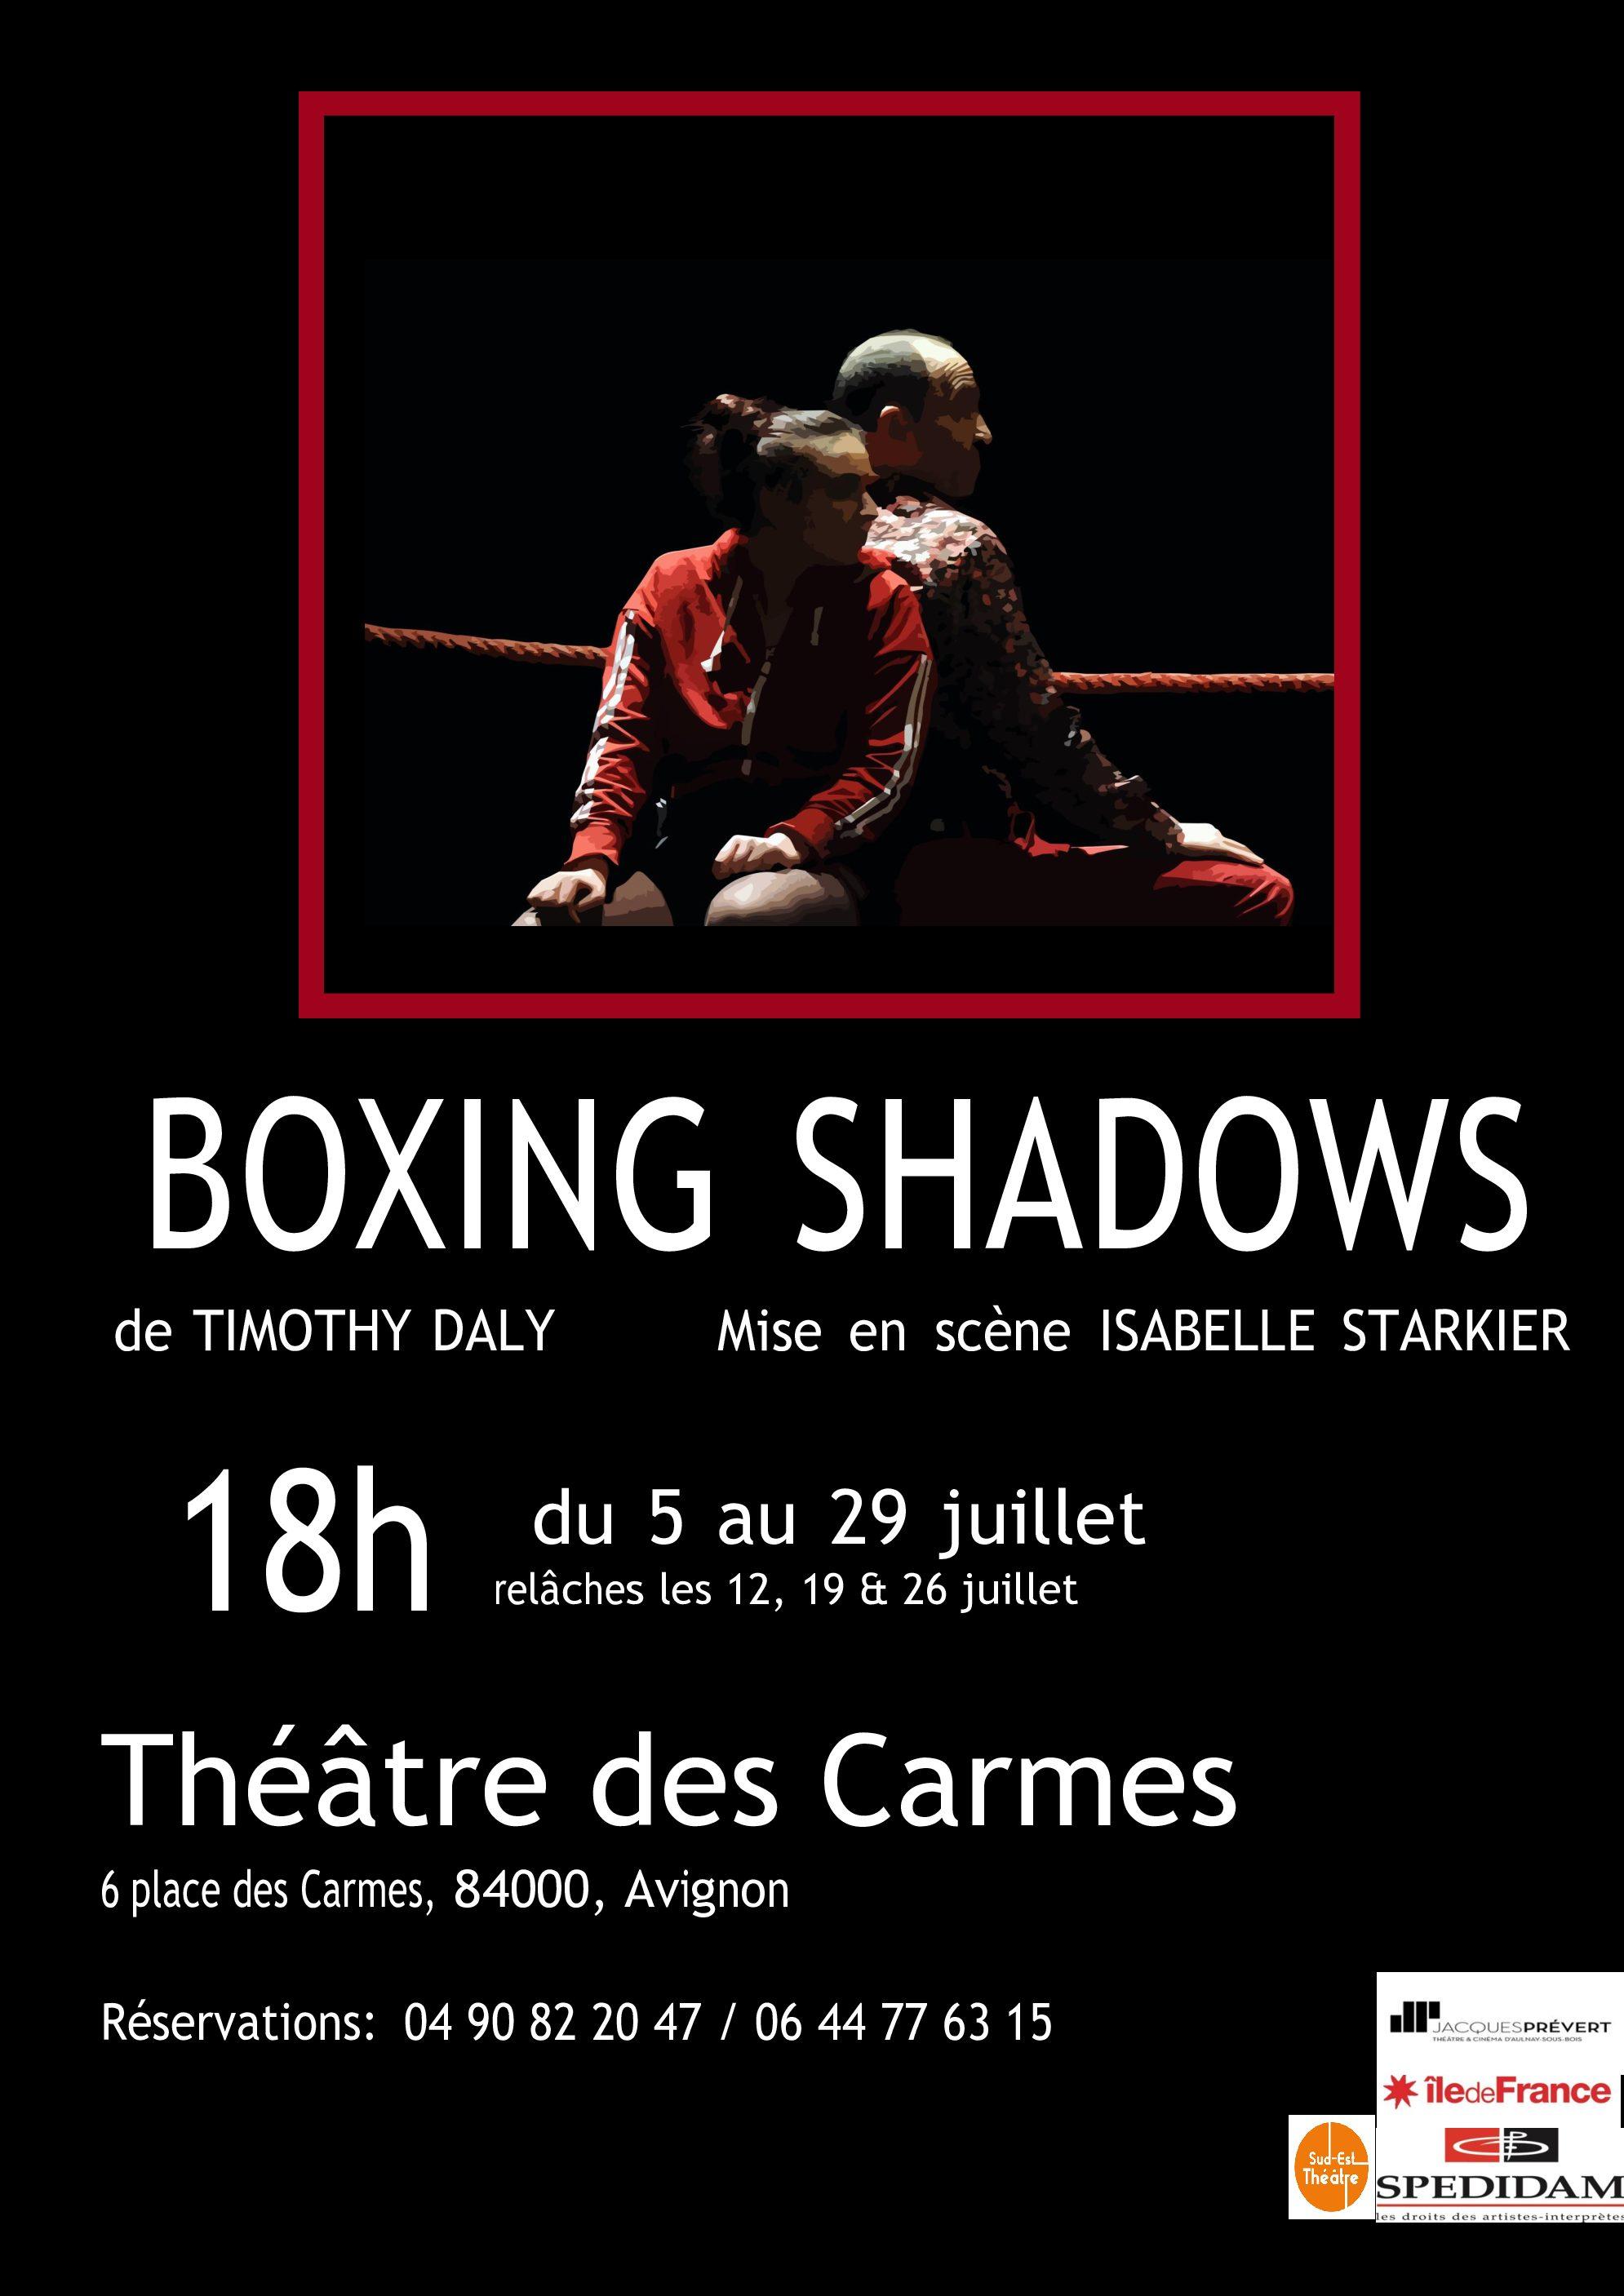 BOXING SHADOWS Avignon 21 // Diffusion